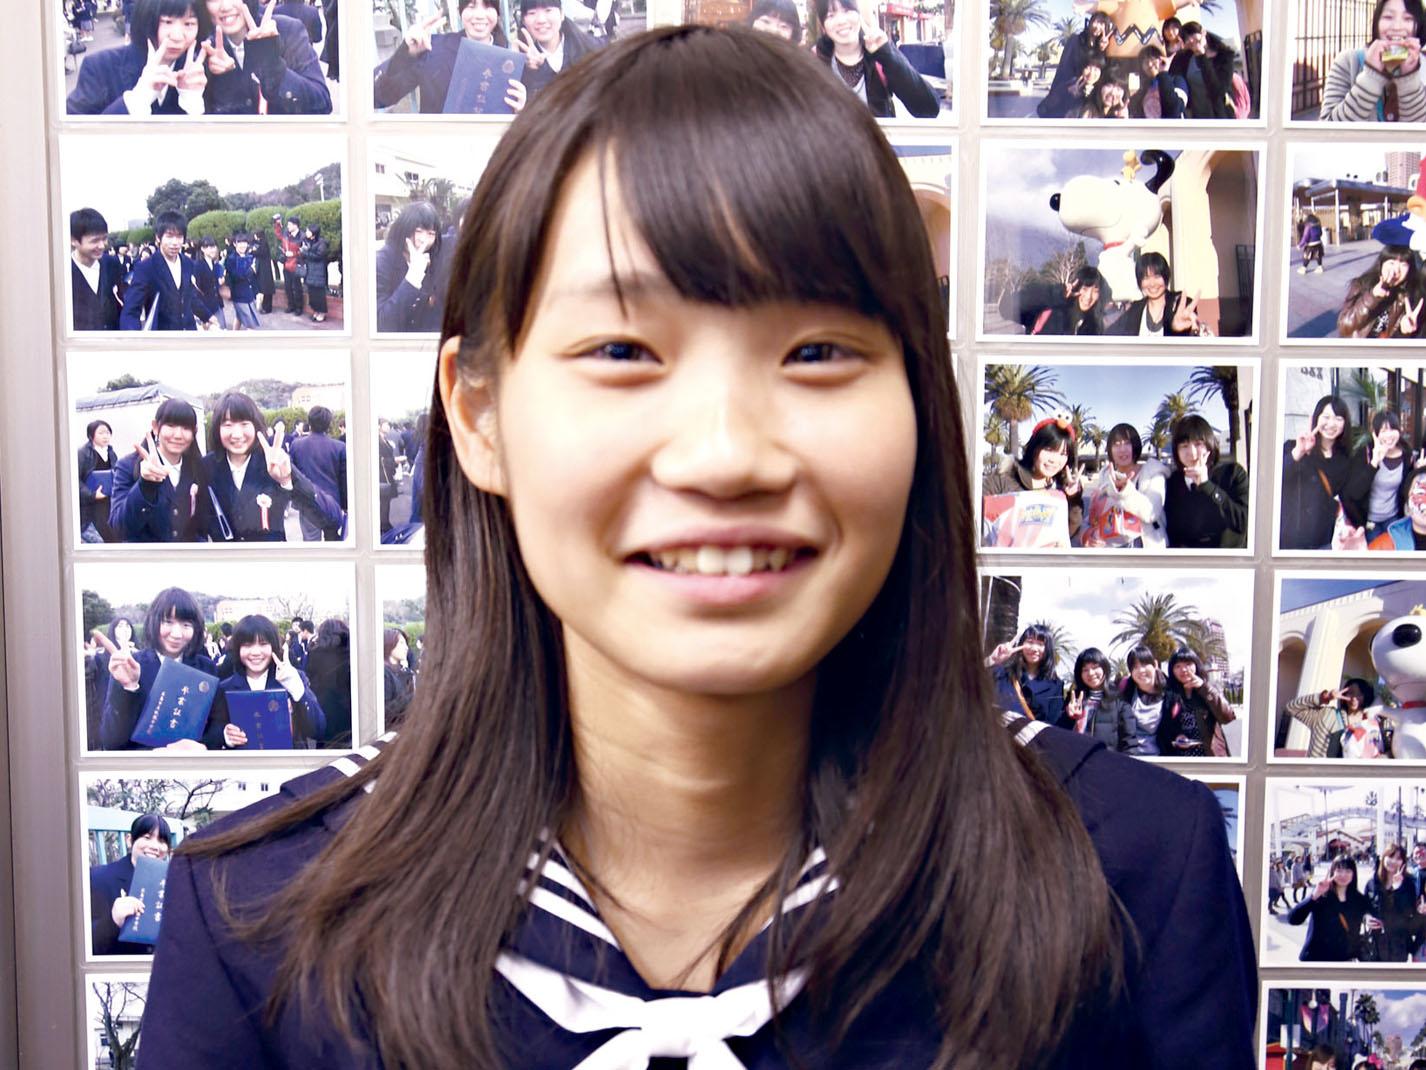 岸田純香さん